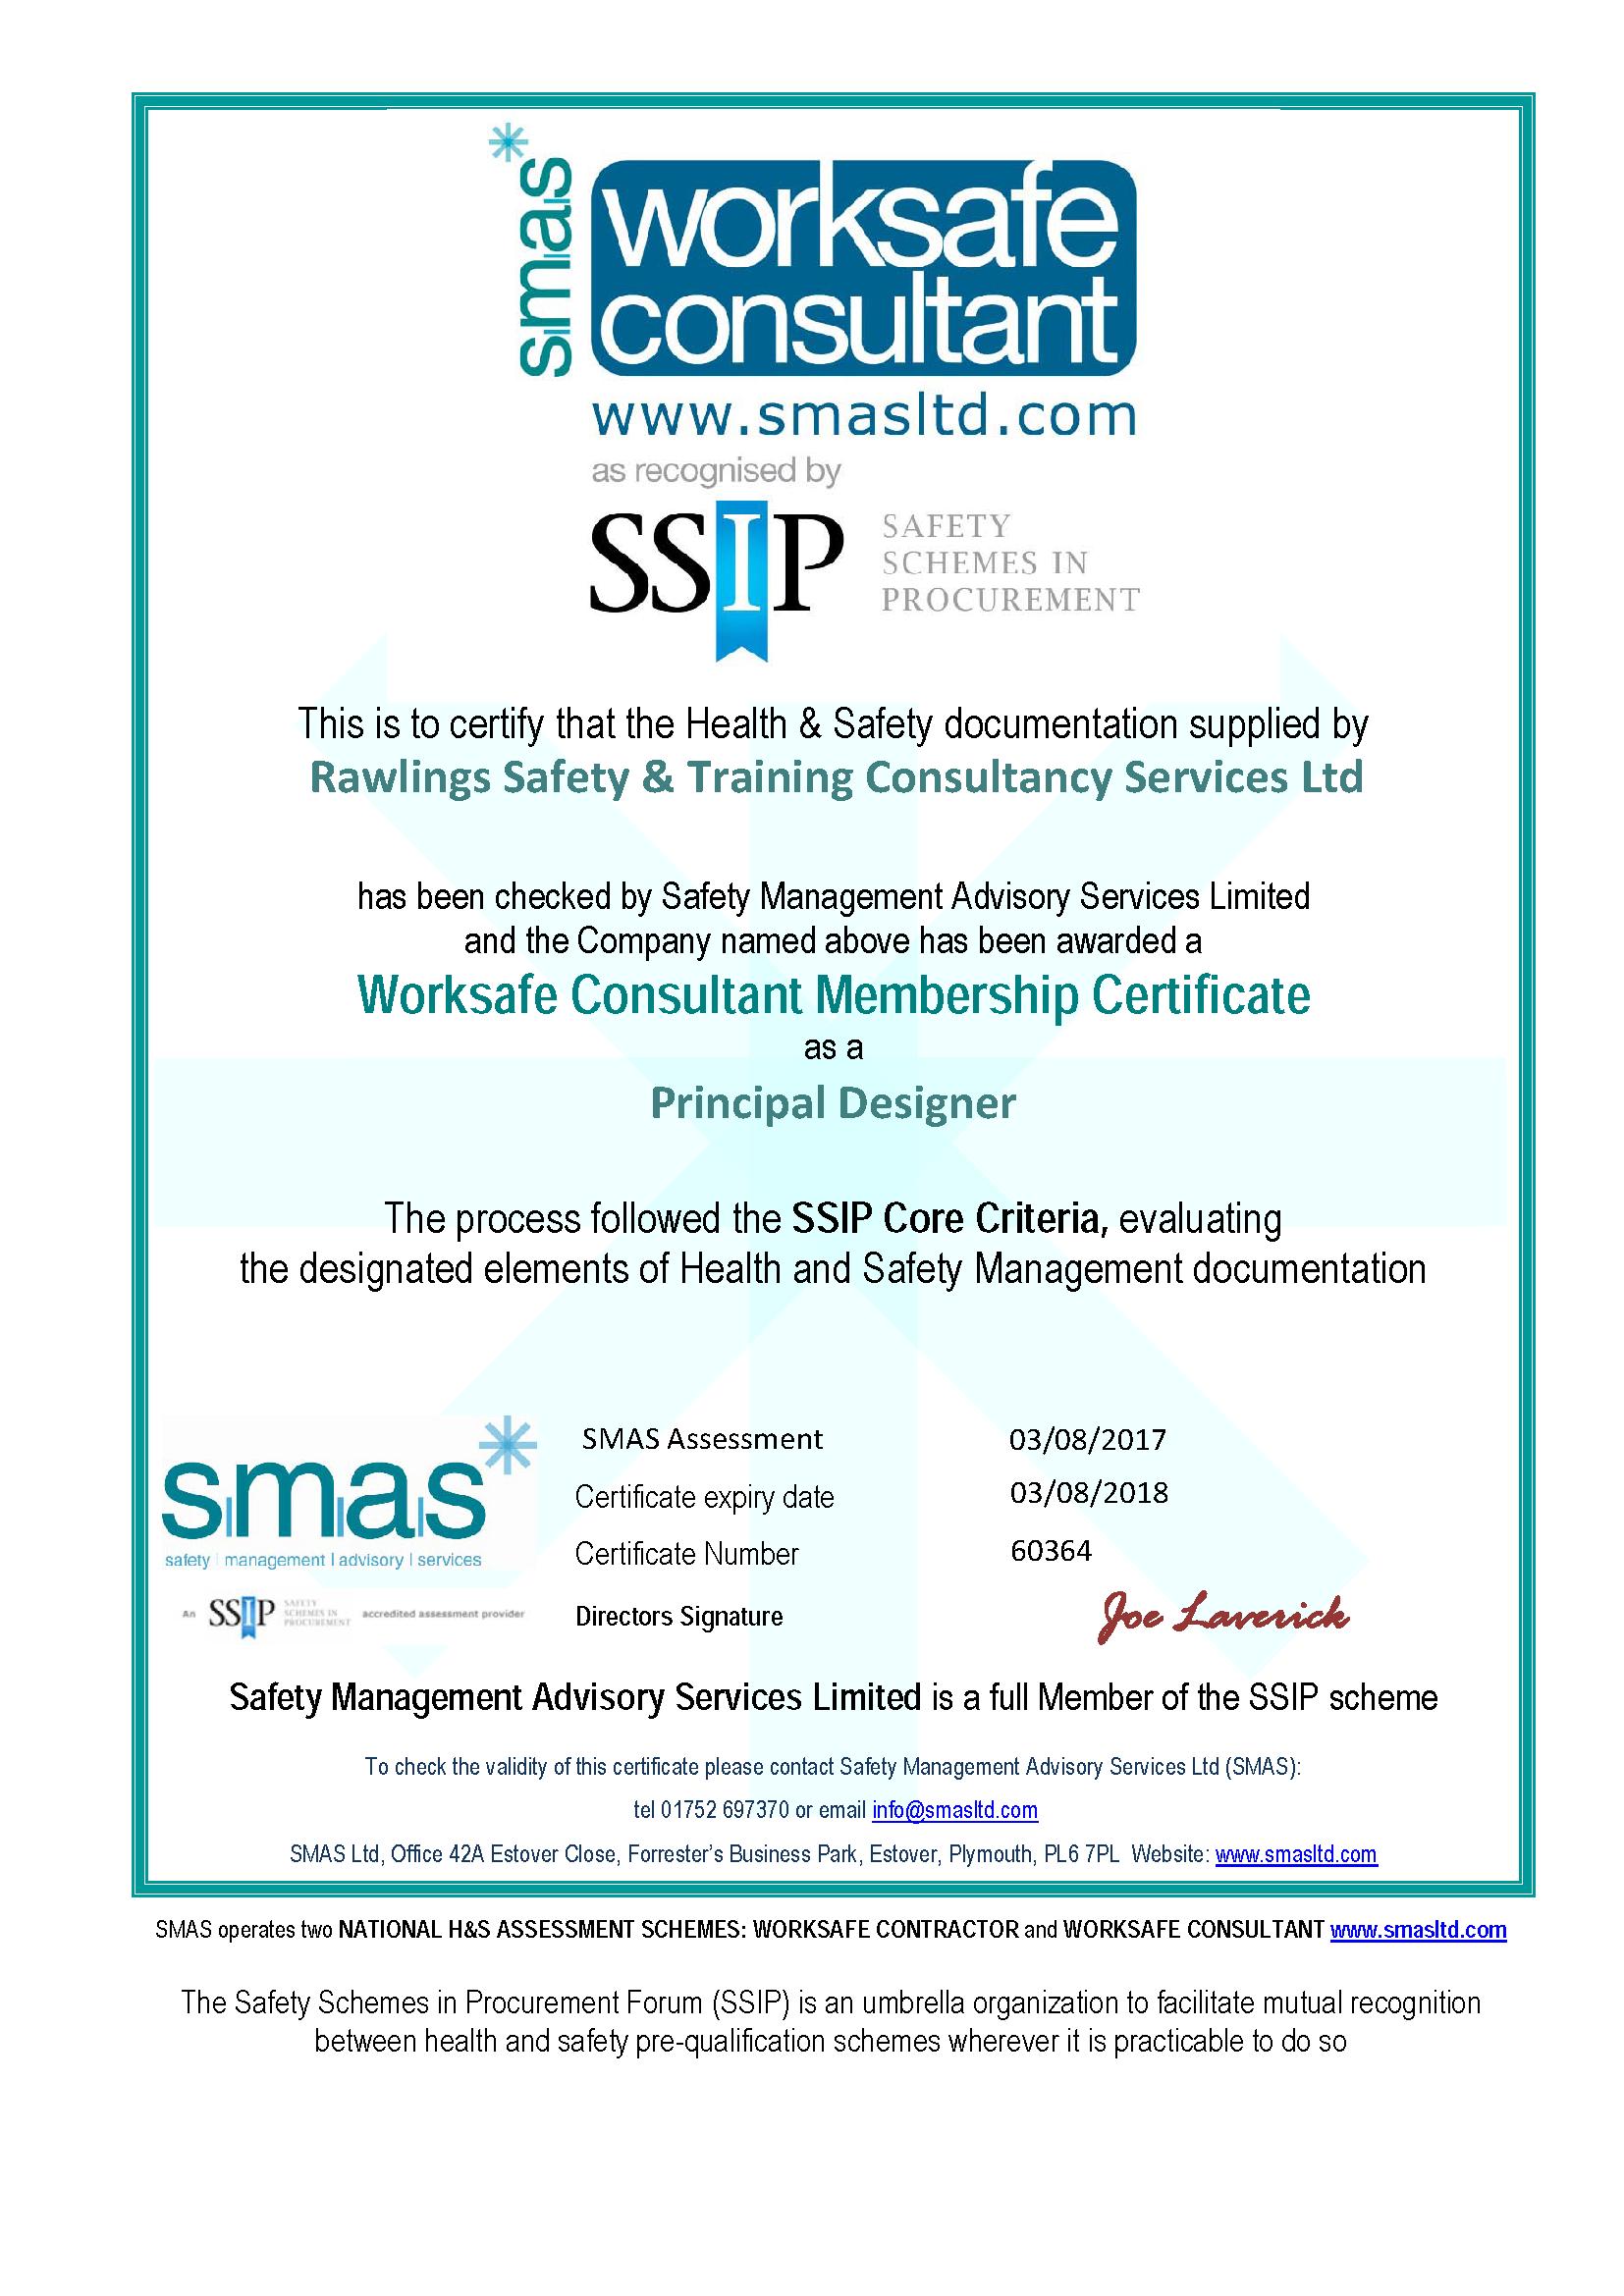 SMAS Certificate 2017 to 2018